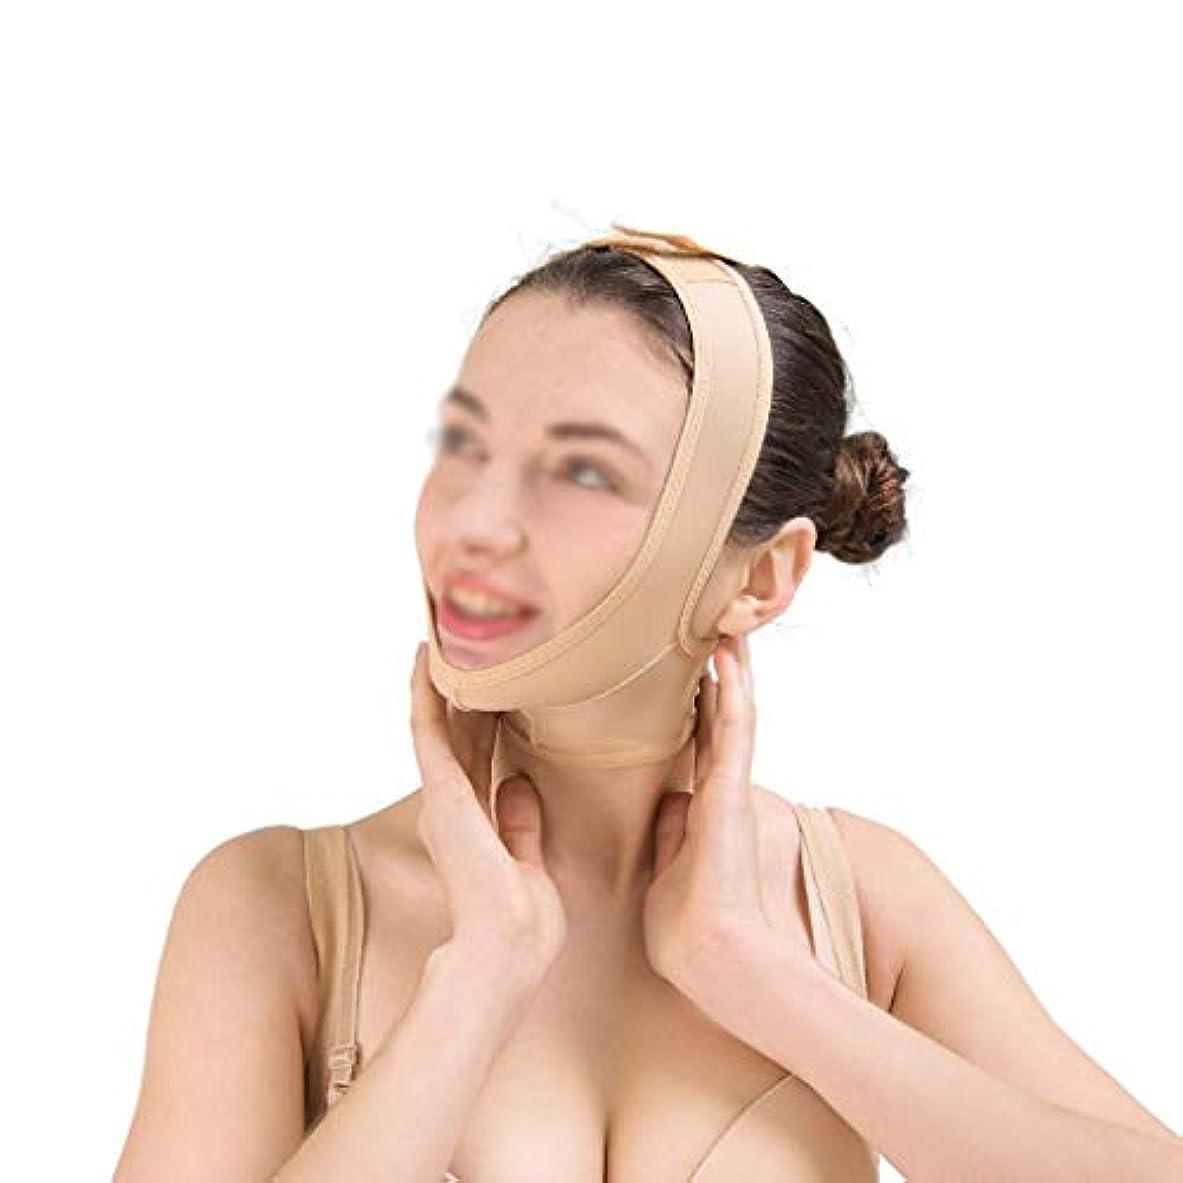 可聴甘味カフェダブルチンストラップ、包帯の持ち上げ、肌の包帯の持ち上げと引き締め フェイスマスク、快適で 顔の持ち上がるマスク(サイズ:S),XL